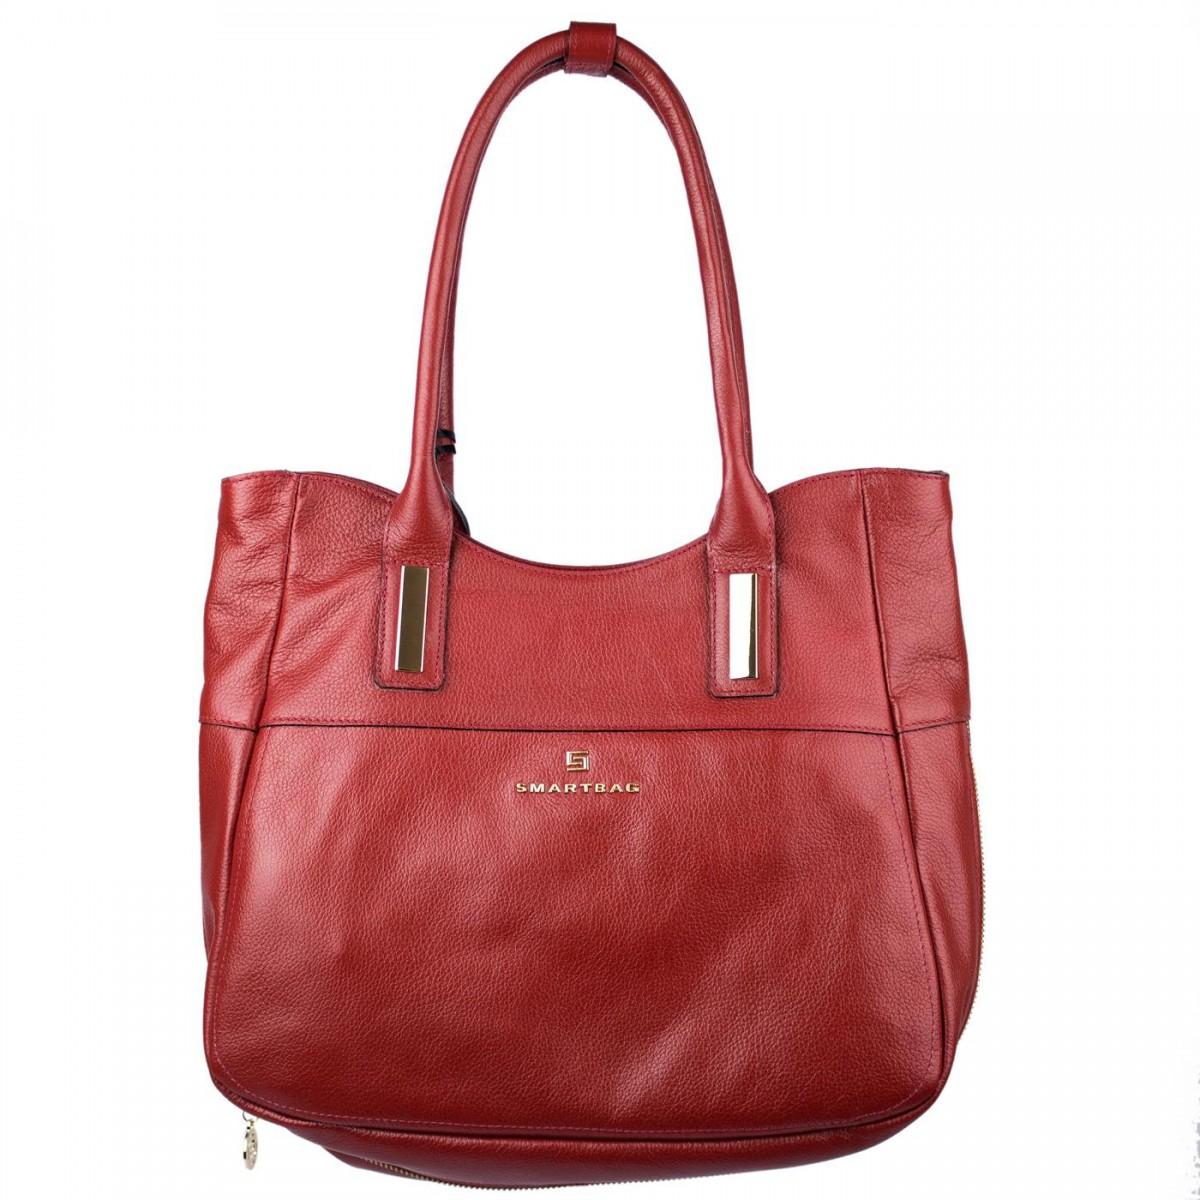 39be83f51 Bizz Store - Bolsa Feminina Smartbag Casual Couro 70039